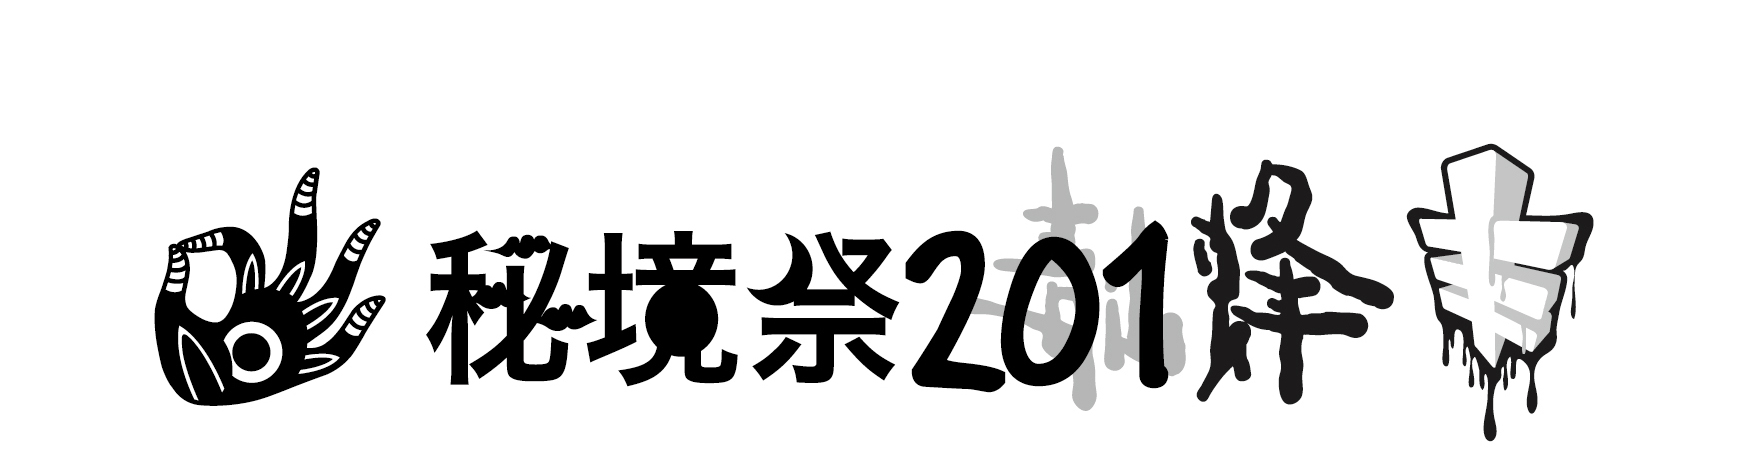 秘境祭201蜂